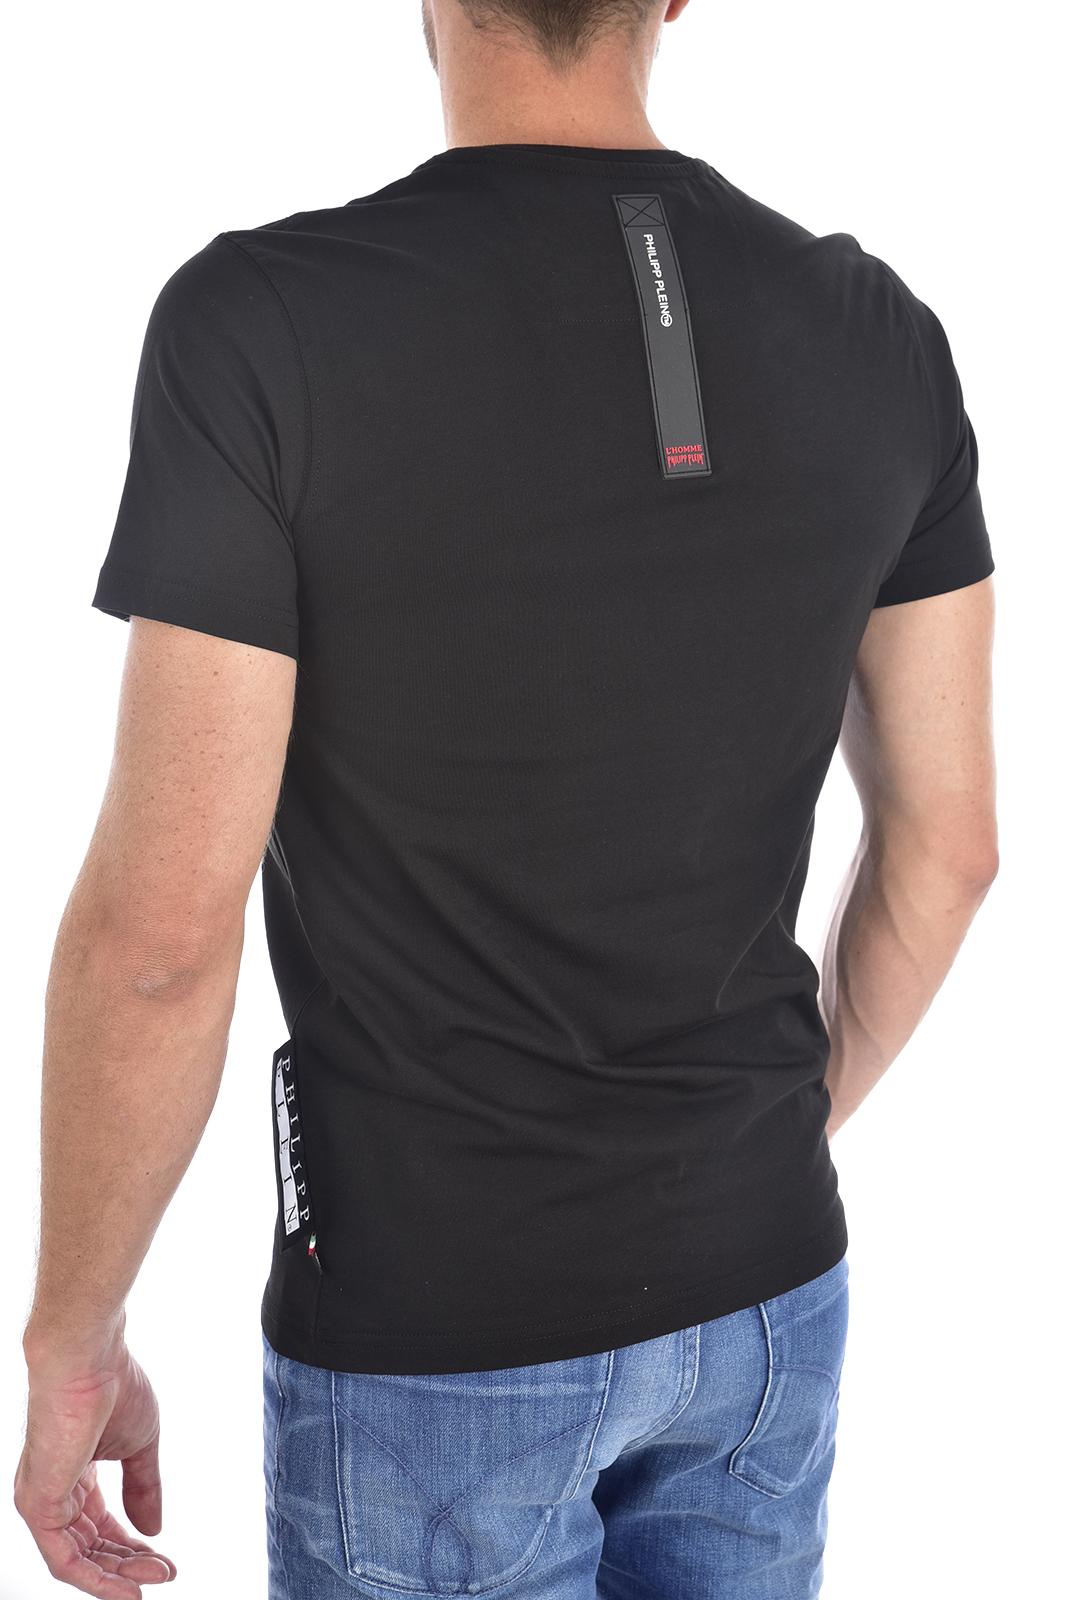 Tee-shirts  Philipp plein MTK3075 Platinum Cut Round Neck Skull BLACK